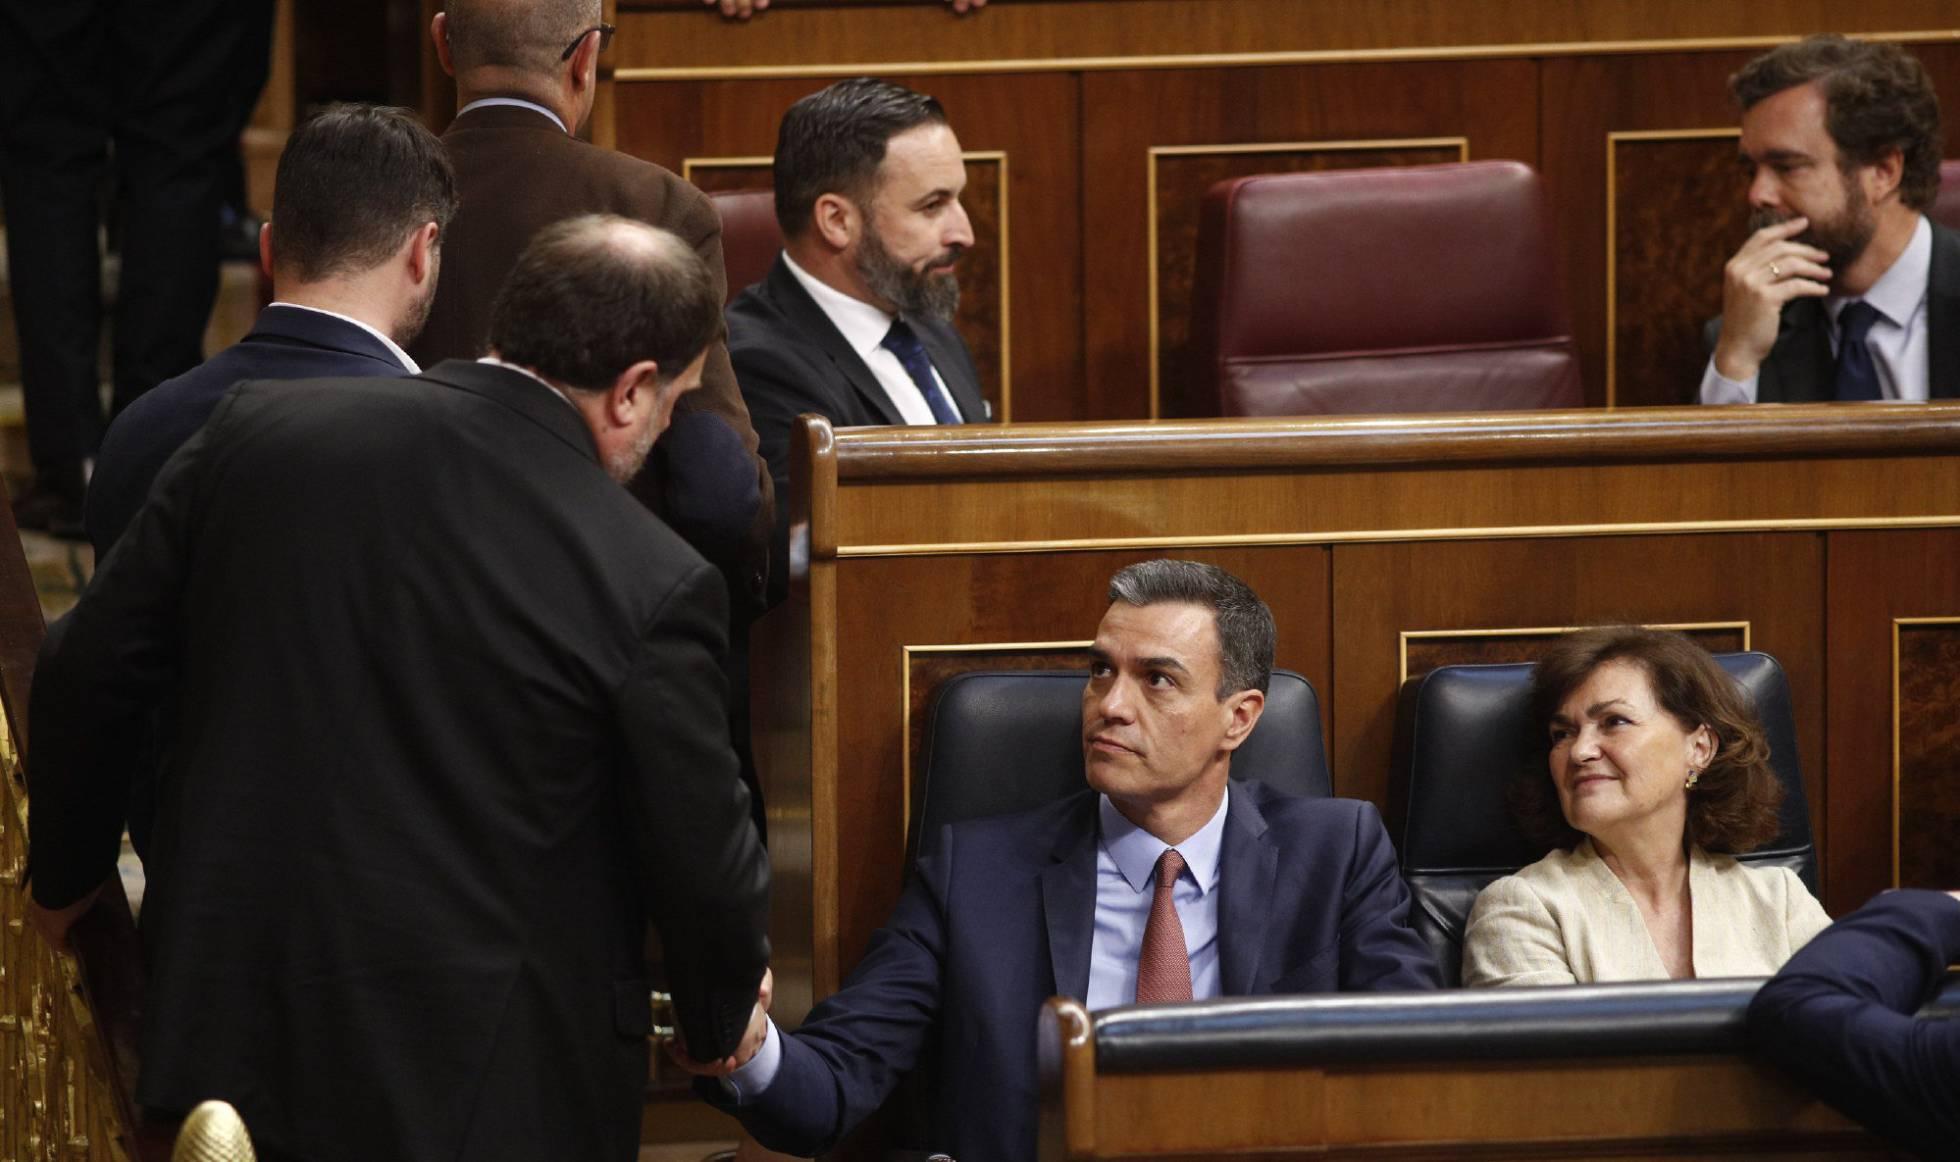 09ab94f59 A la espera de que el Rey desembarque para inaugurar formalmente la  legislatura decimotercera de la democracia española